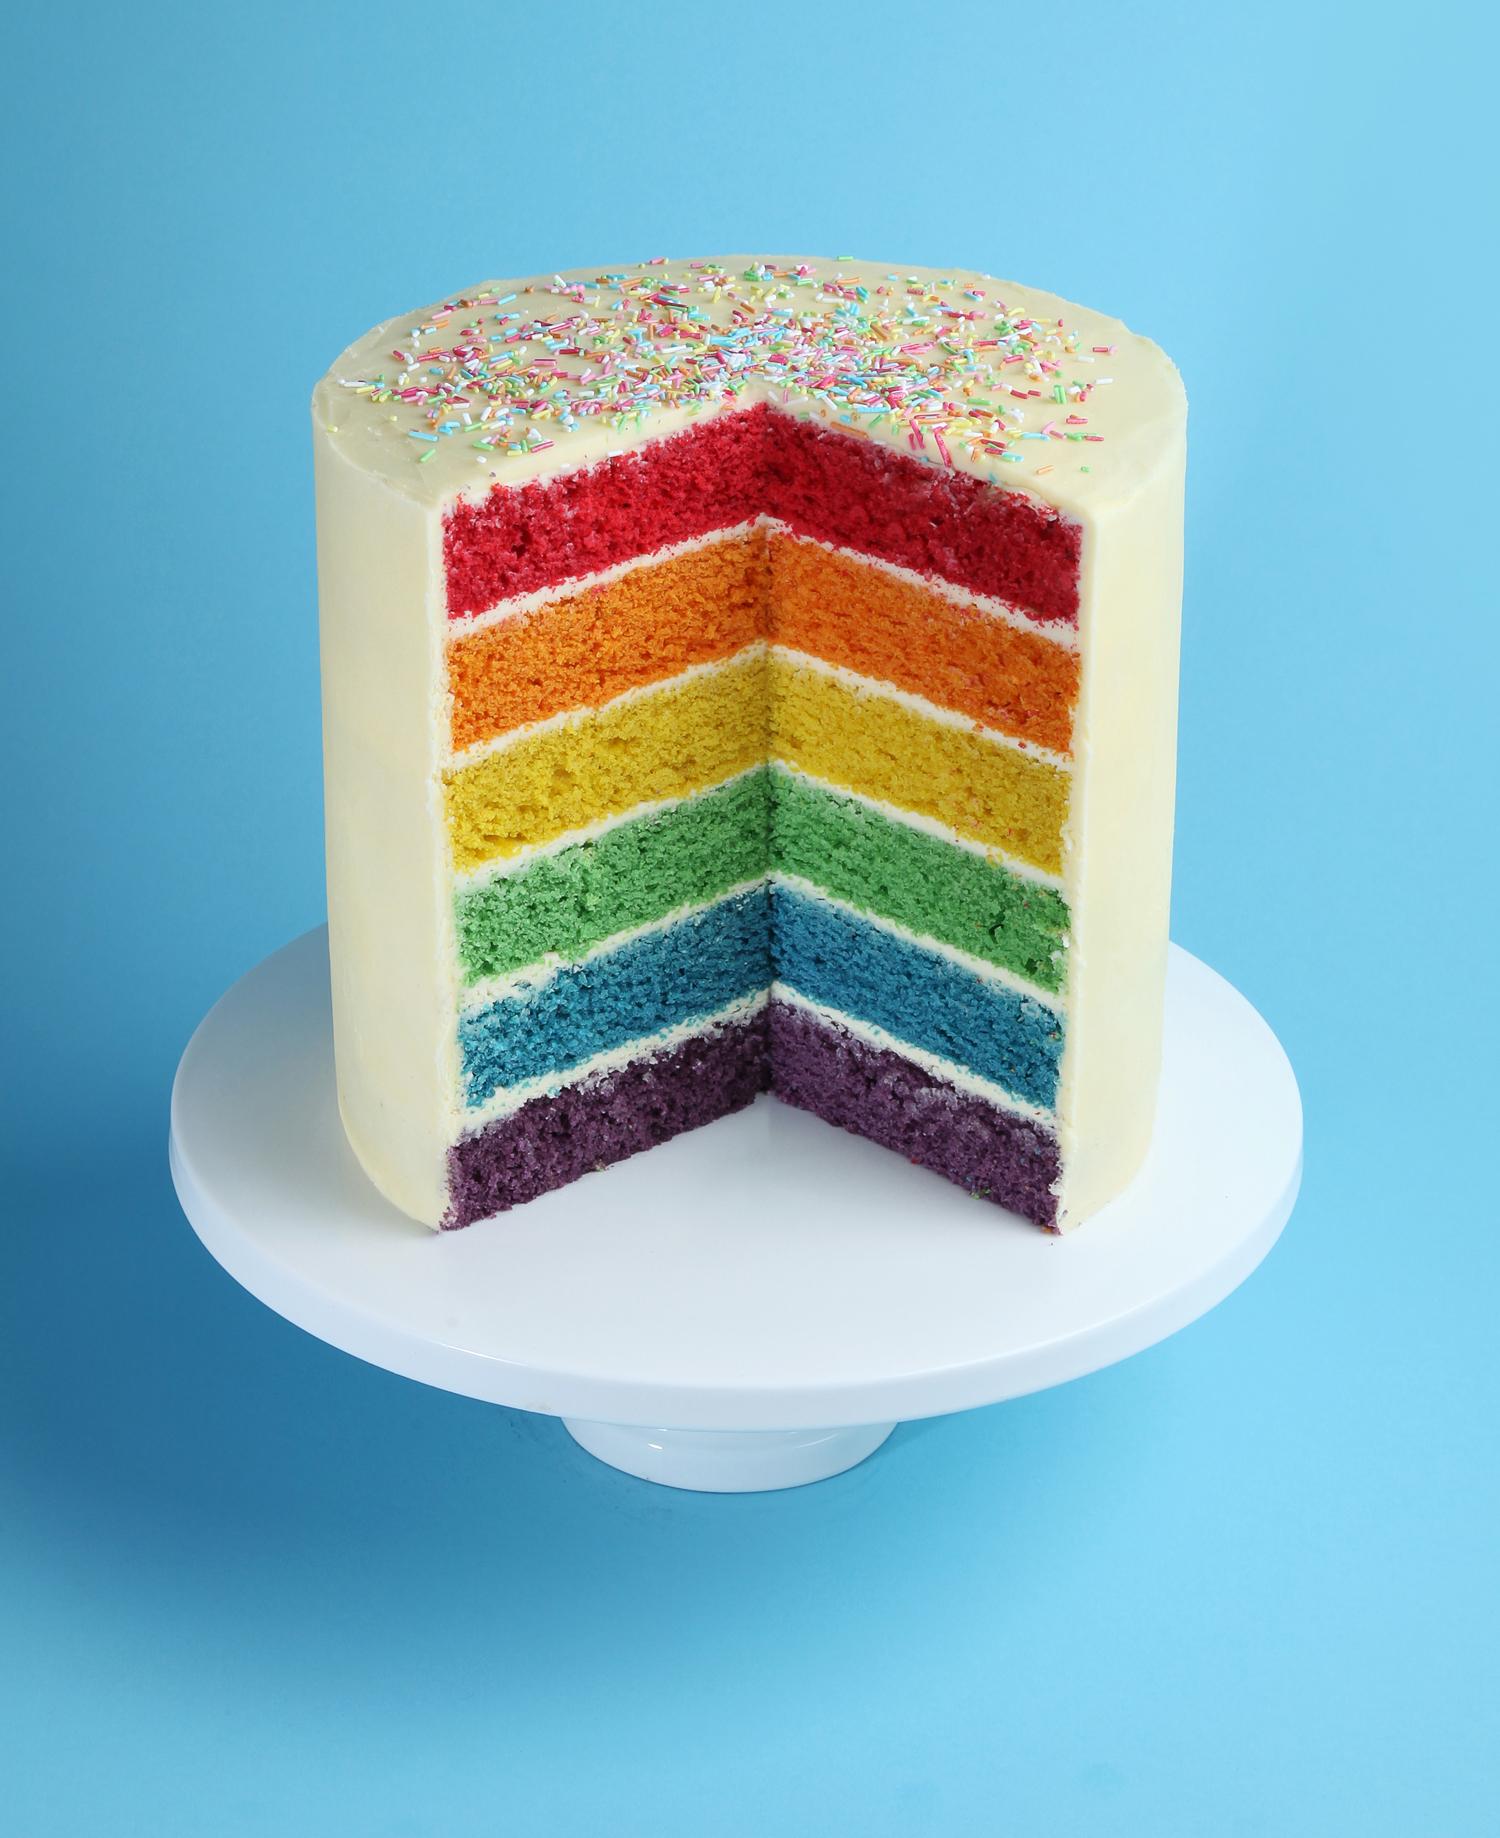 Rainbow Cake Decorations Uk